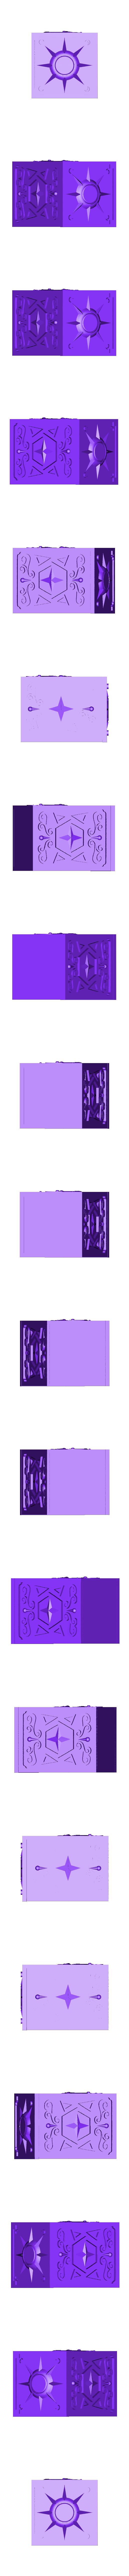 ofiuco oro.stl Download free STL file saint seiya ofiuco oro box (reparado) • Object to 3D print, franckeli